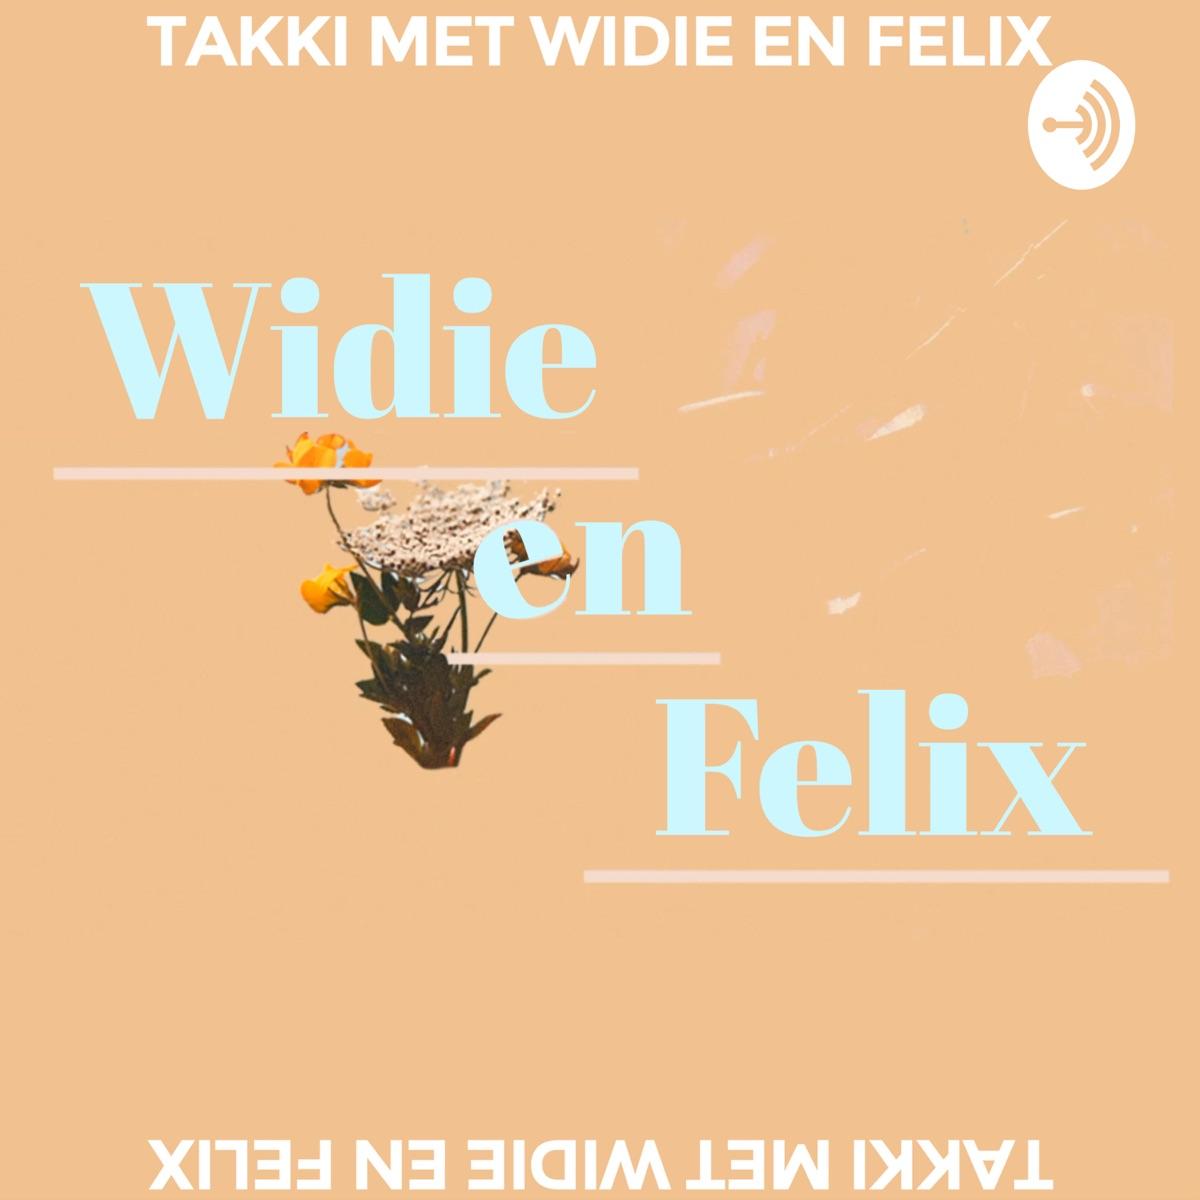 Takki met Widie en Felix